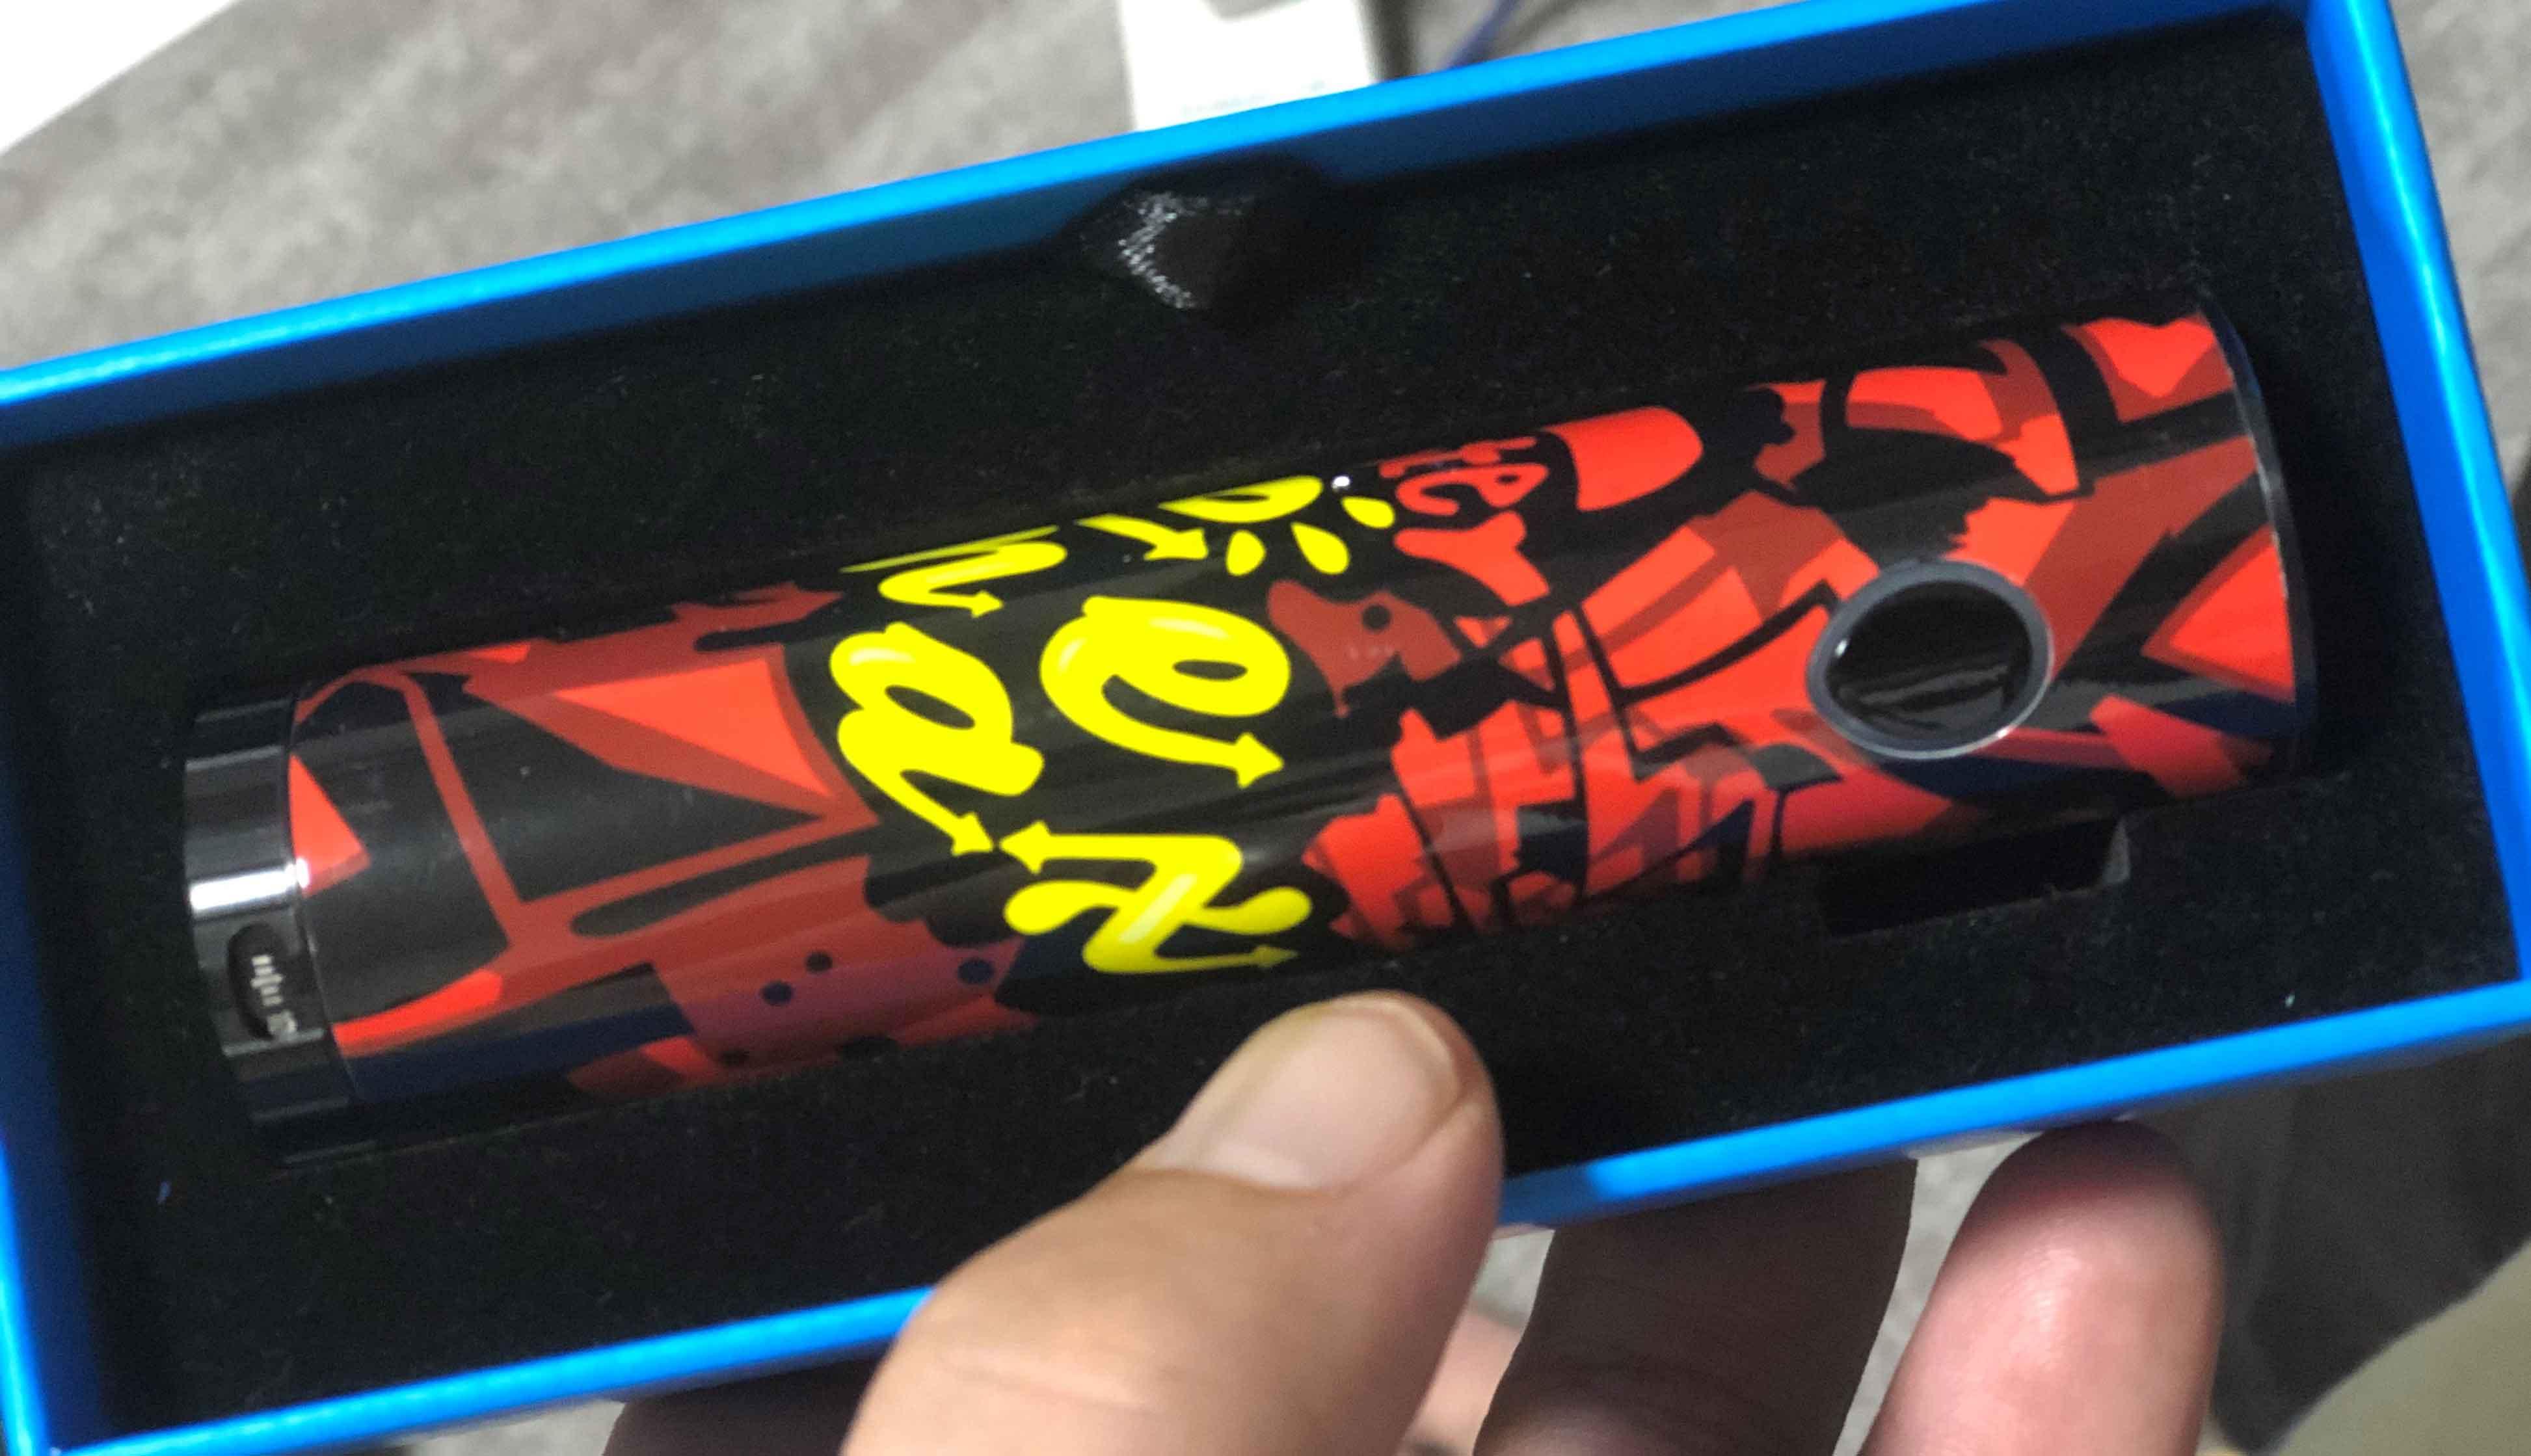 20190210 085500963 - 【レビュー】Freemax社謹製!Twister 80W 爆煙 Starter Kit+タンクセットを吸ってFreemaxの本気モードを感じた